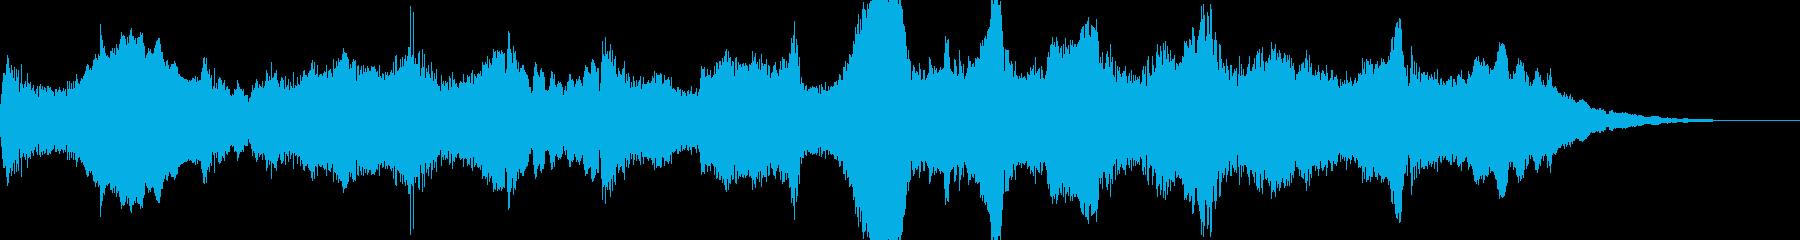 チェロが印象的なBGMの再生済みの波形